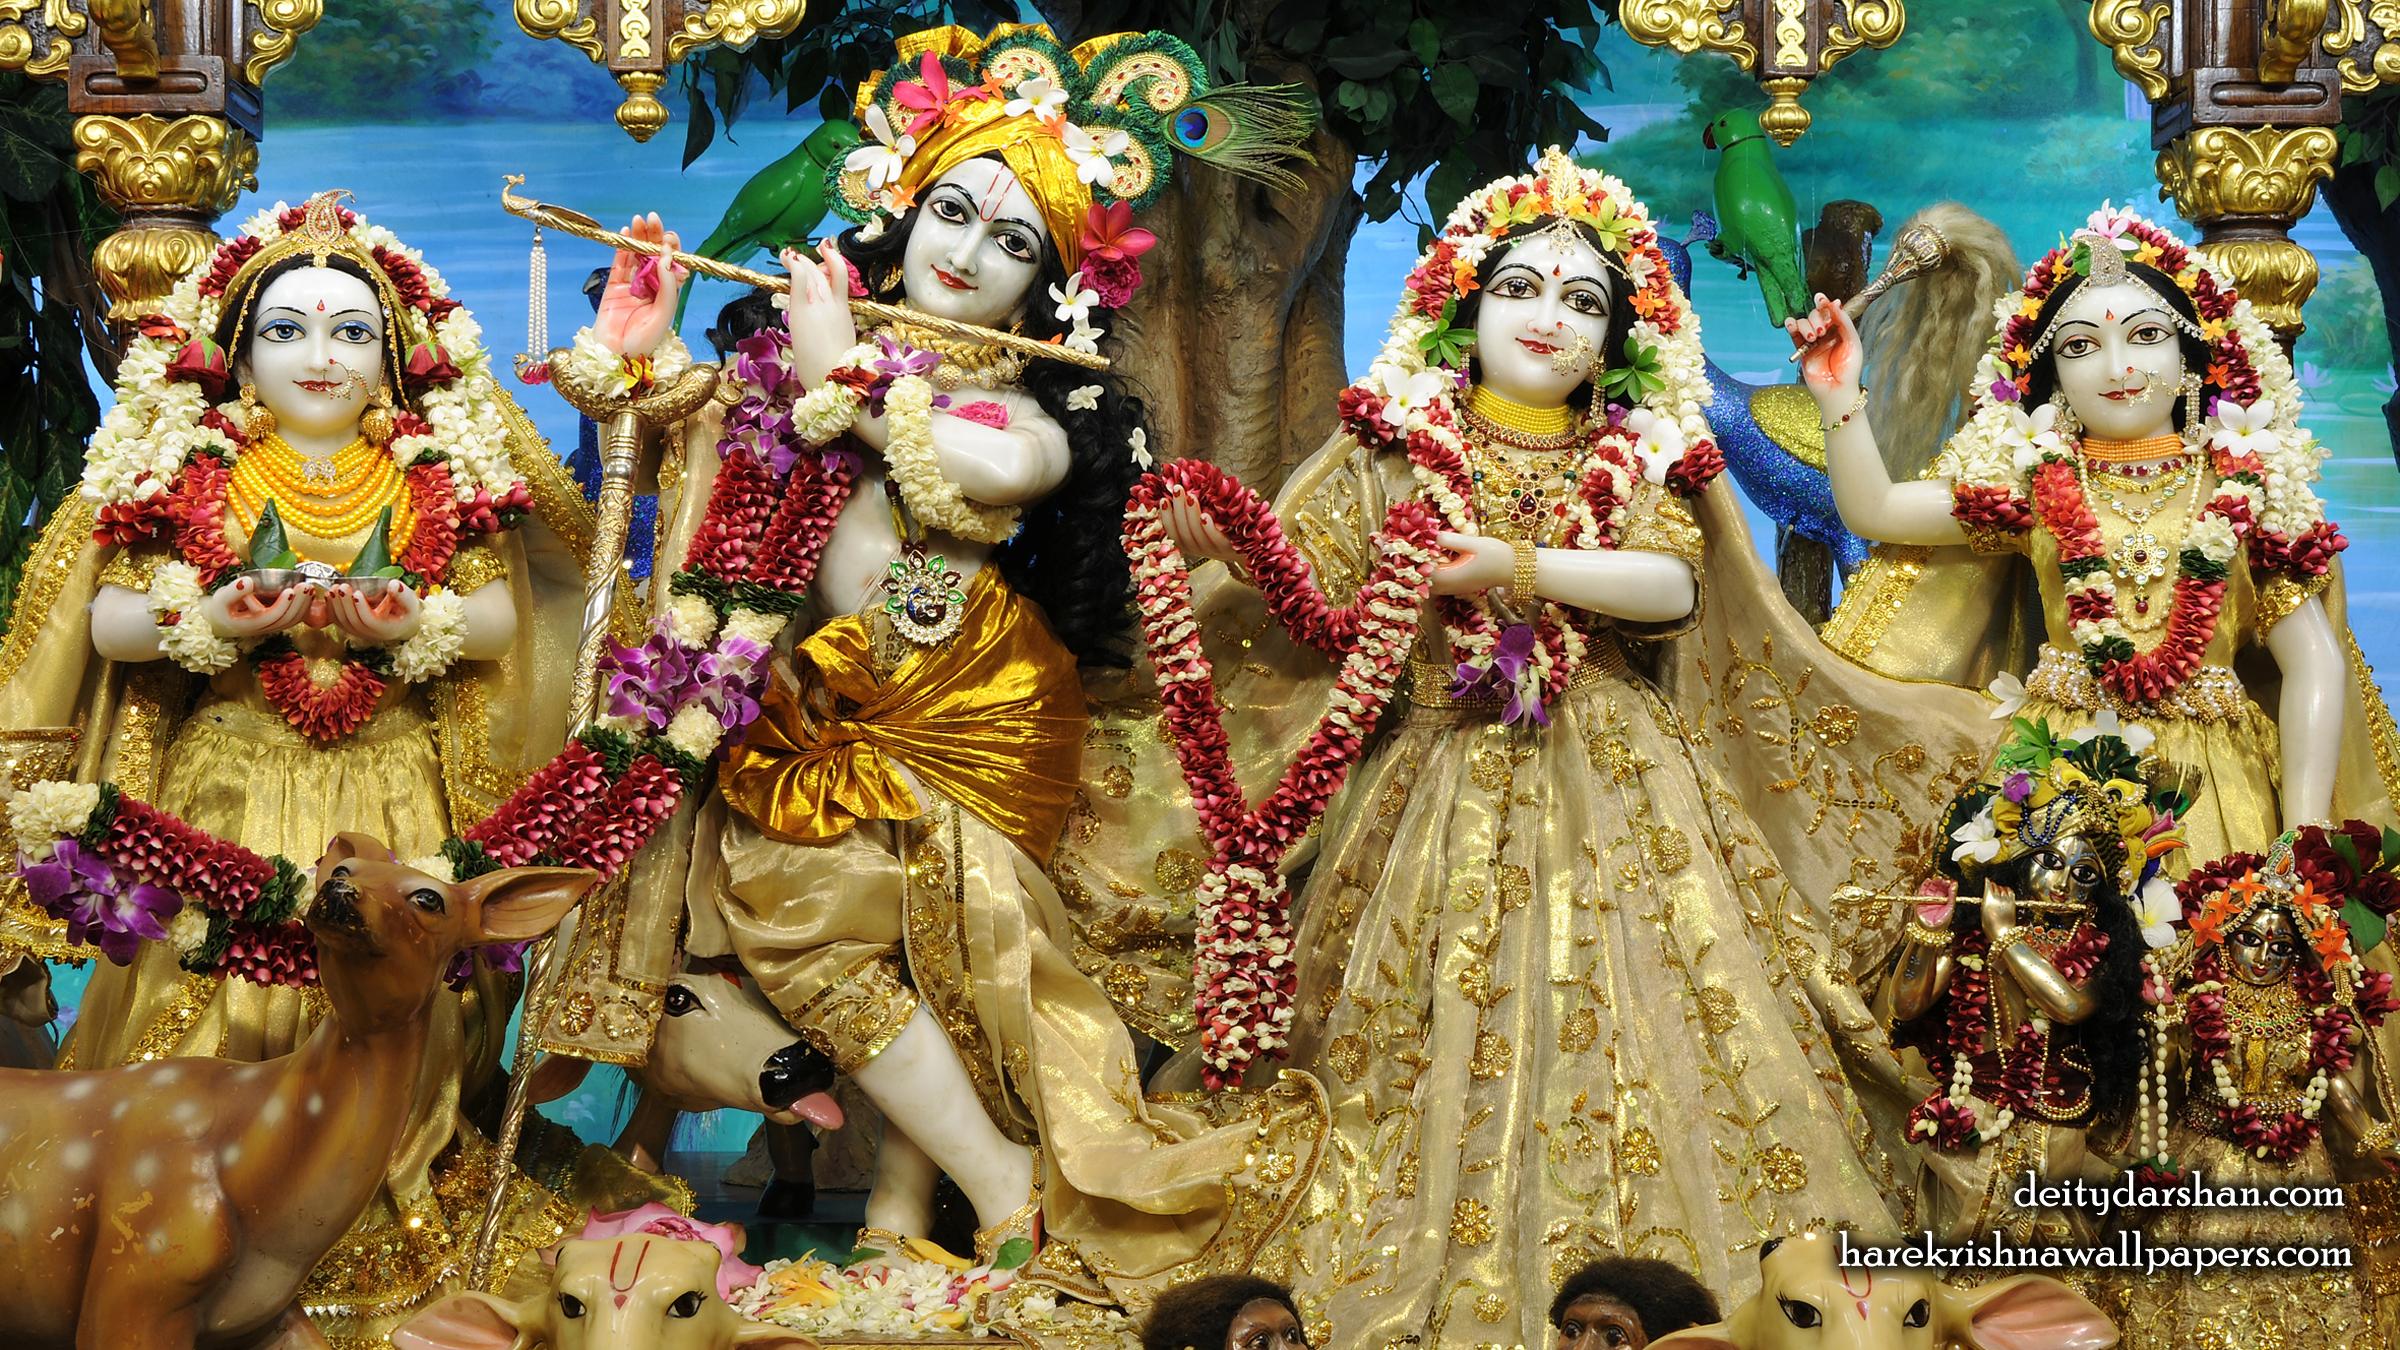 Sri Sri Radha Gopinath Lalita Vishakha Wallpaper (070) Size 2400x1350 Download